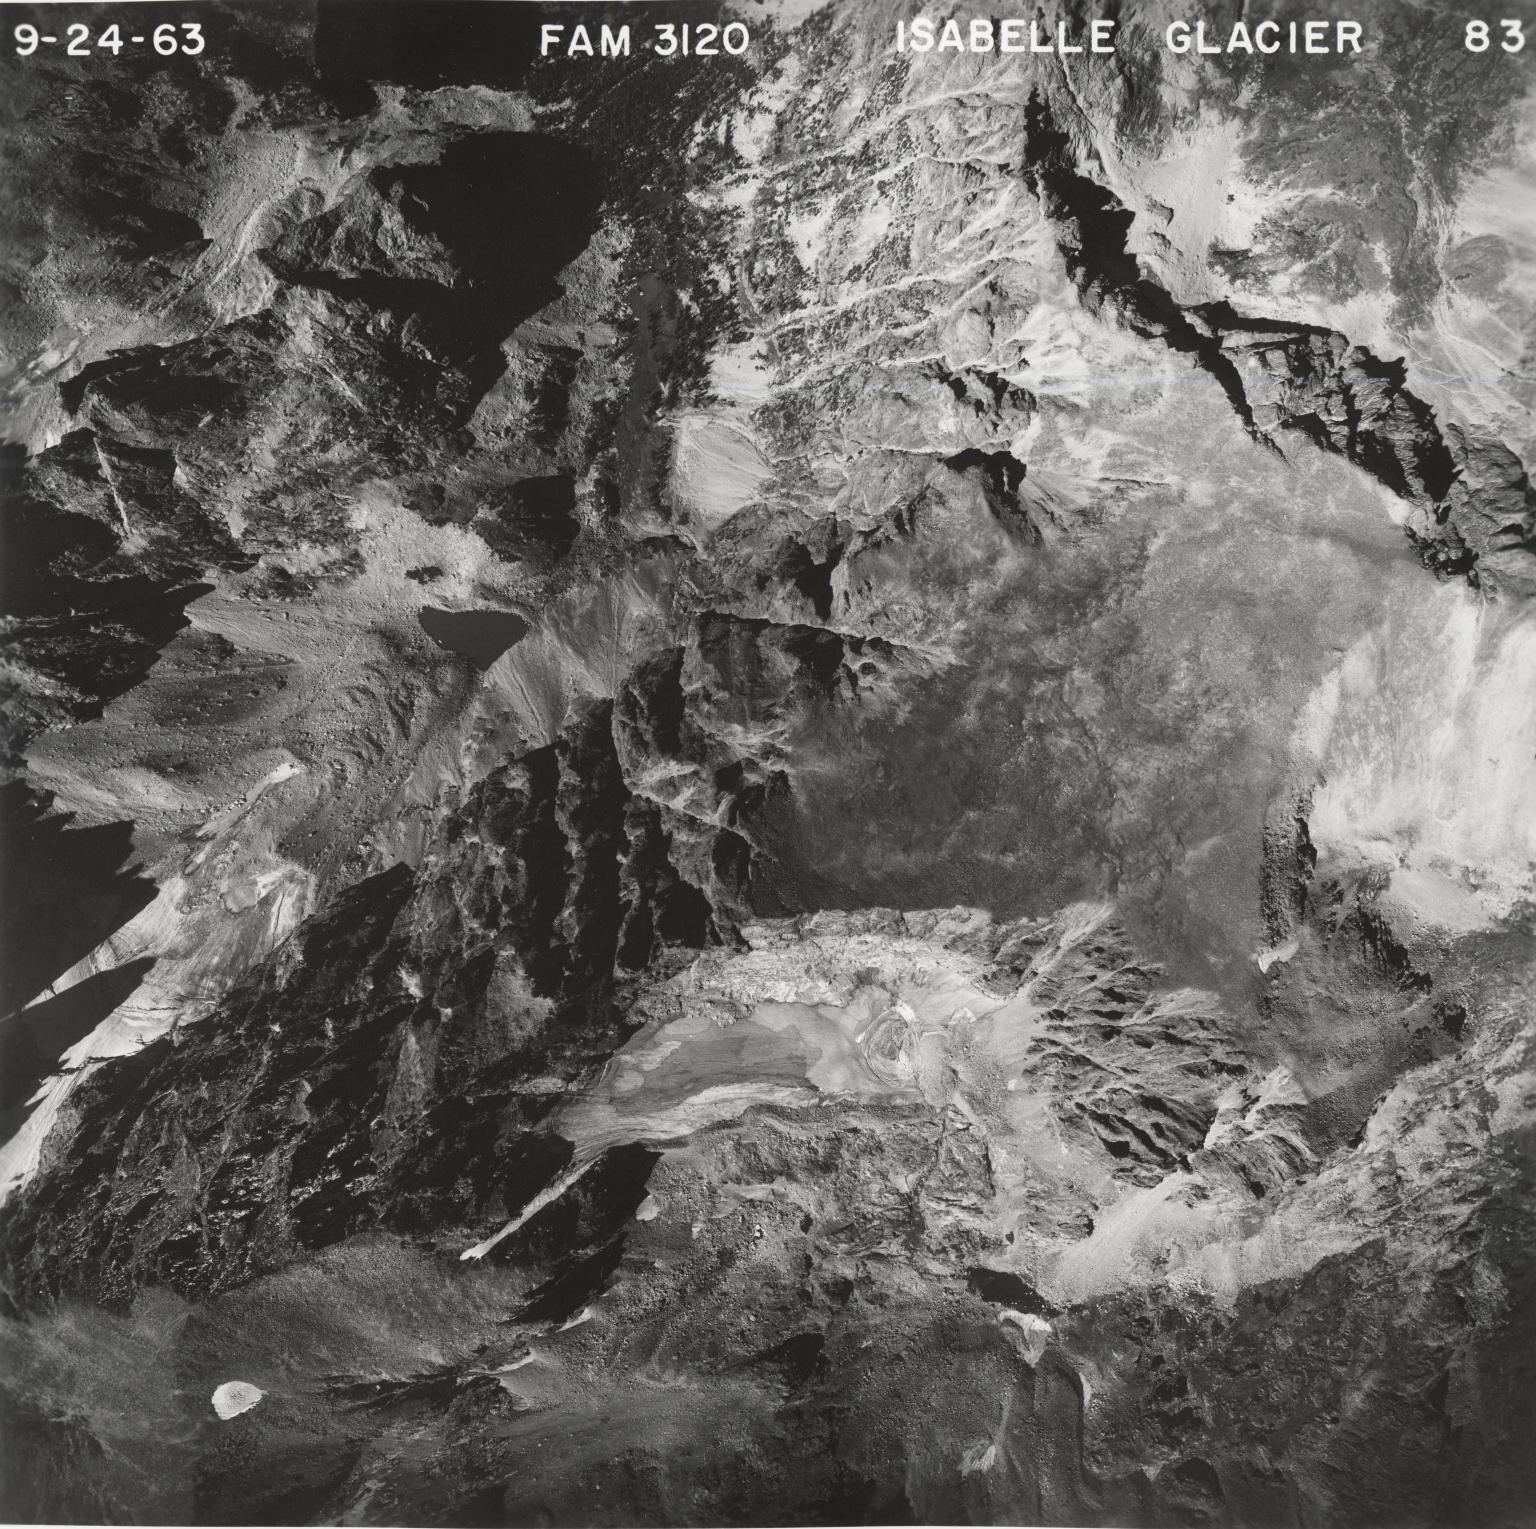 Isabelle Glacier, Colorado, United States